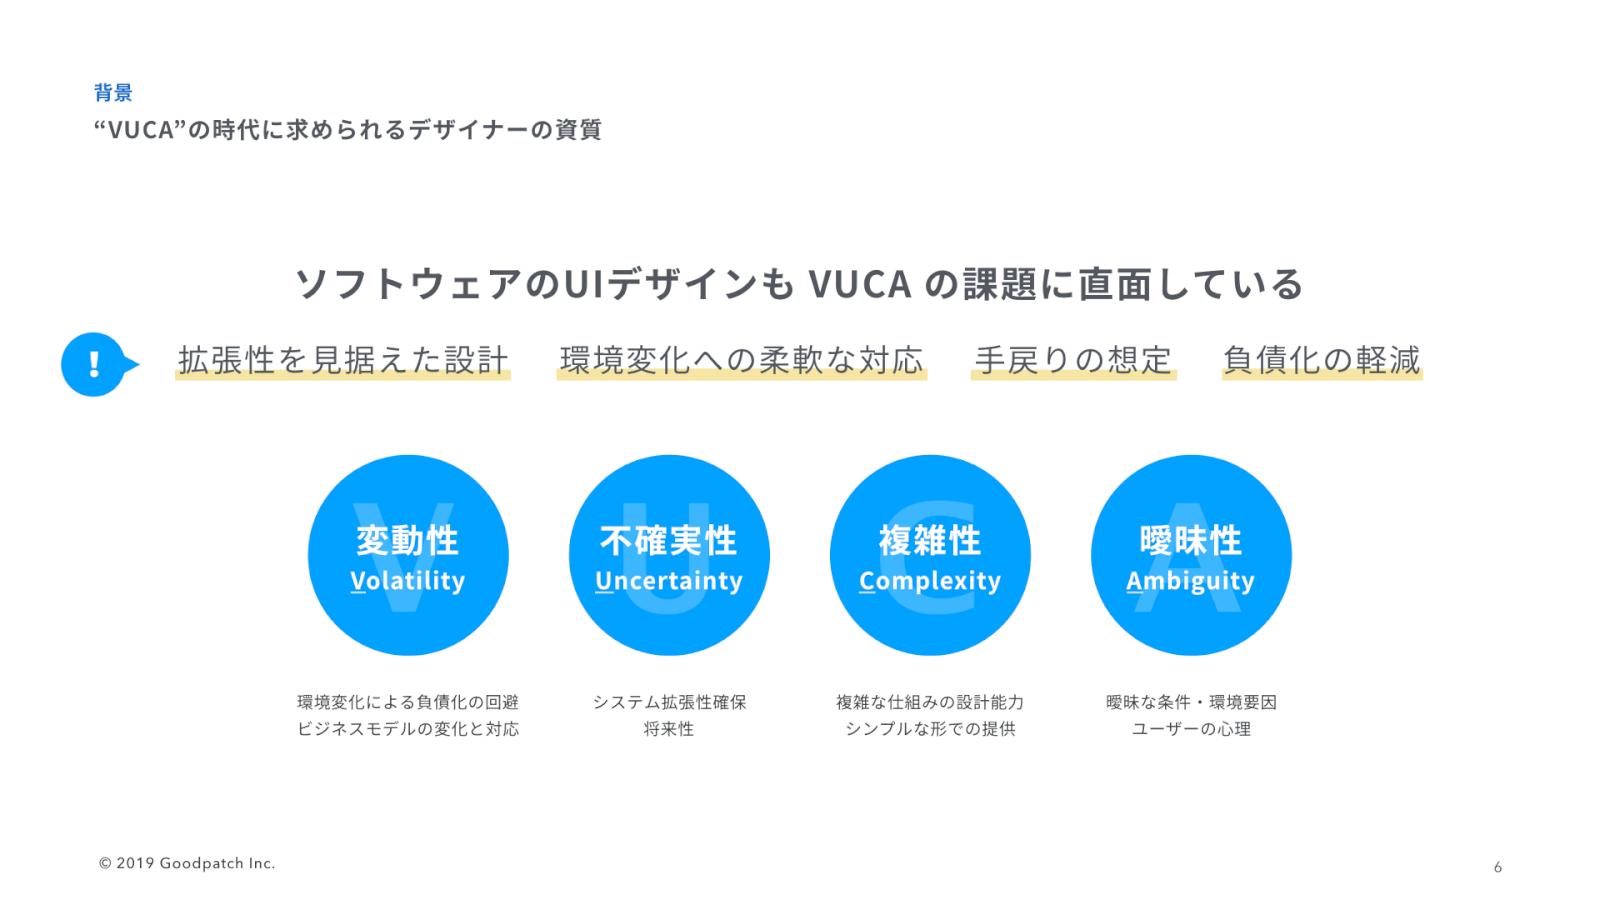 VUCAの課題